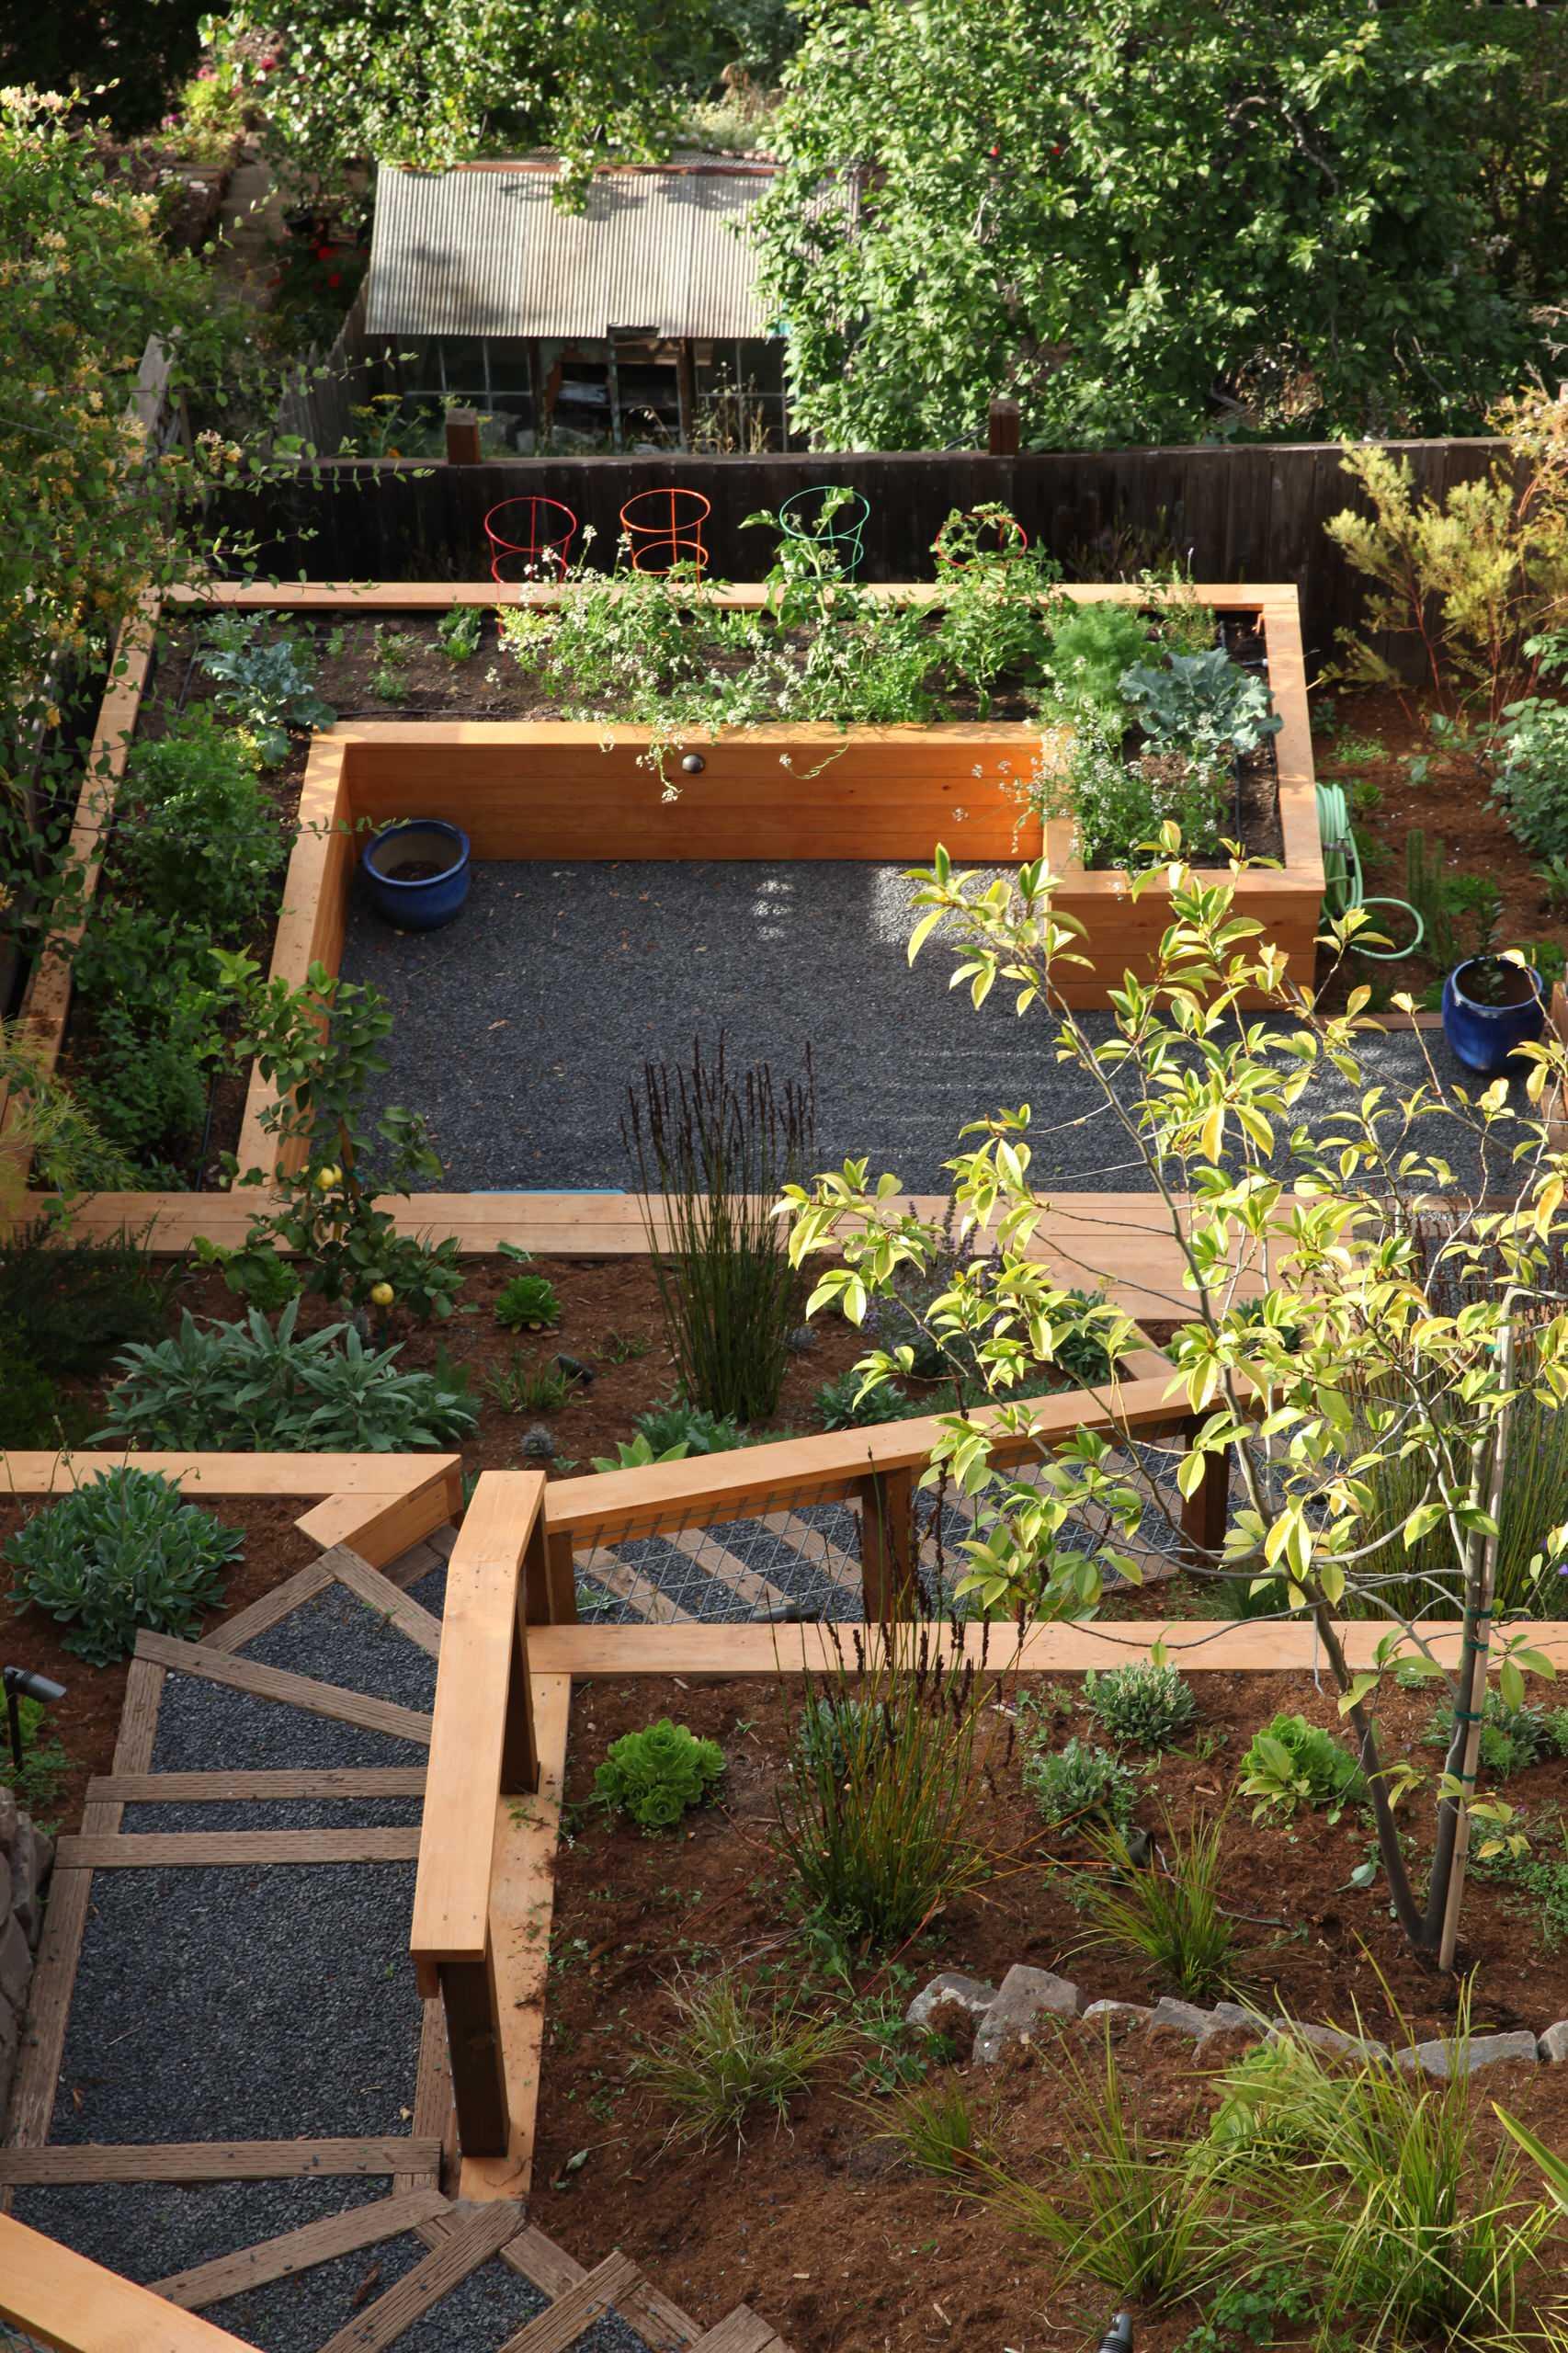 City View Garden - Bernal Heights